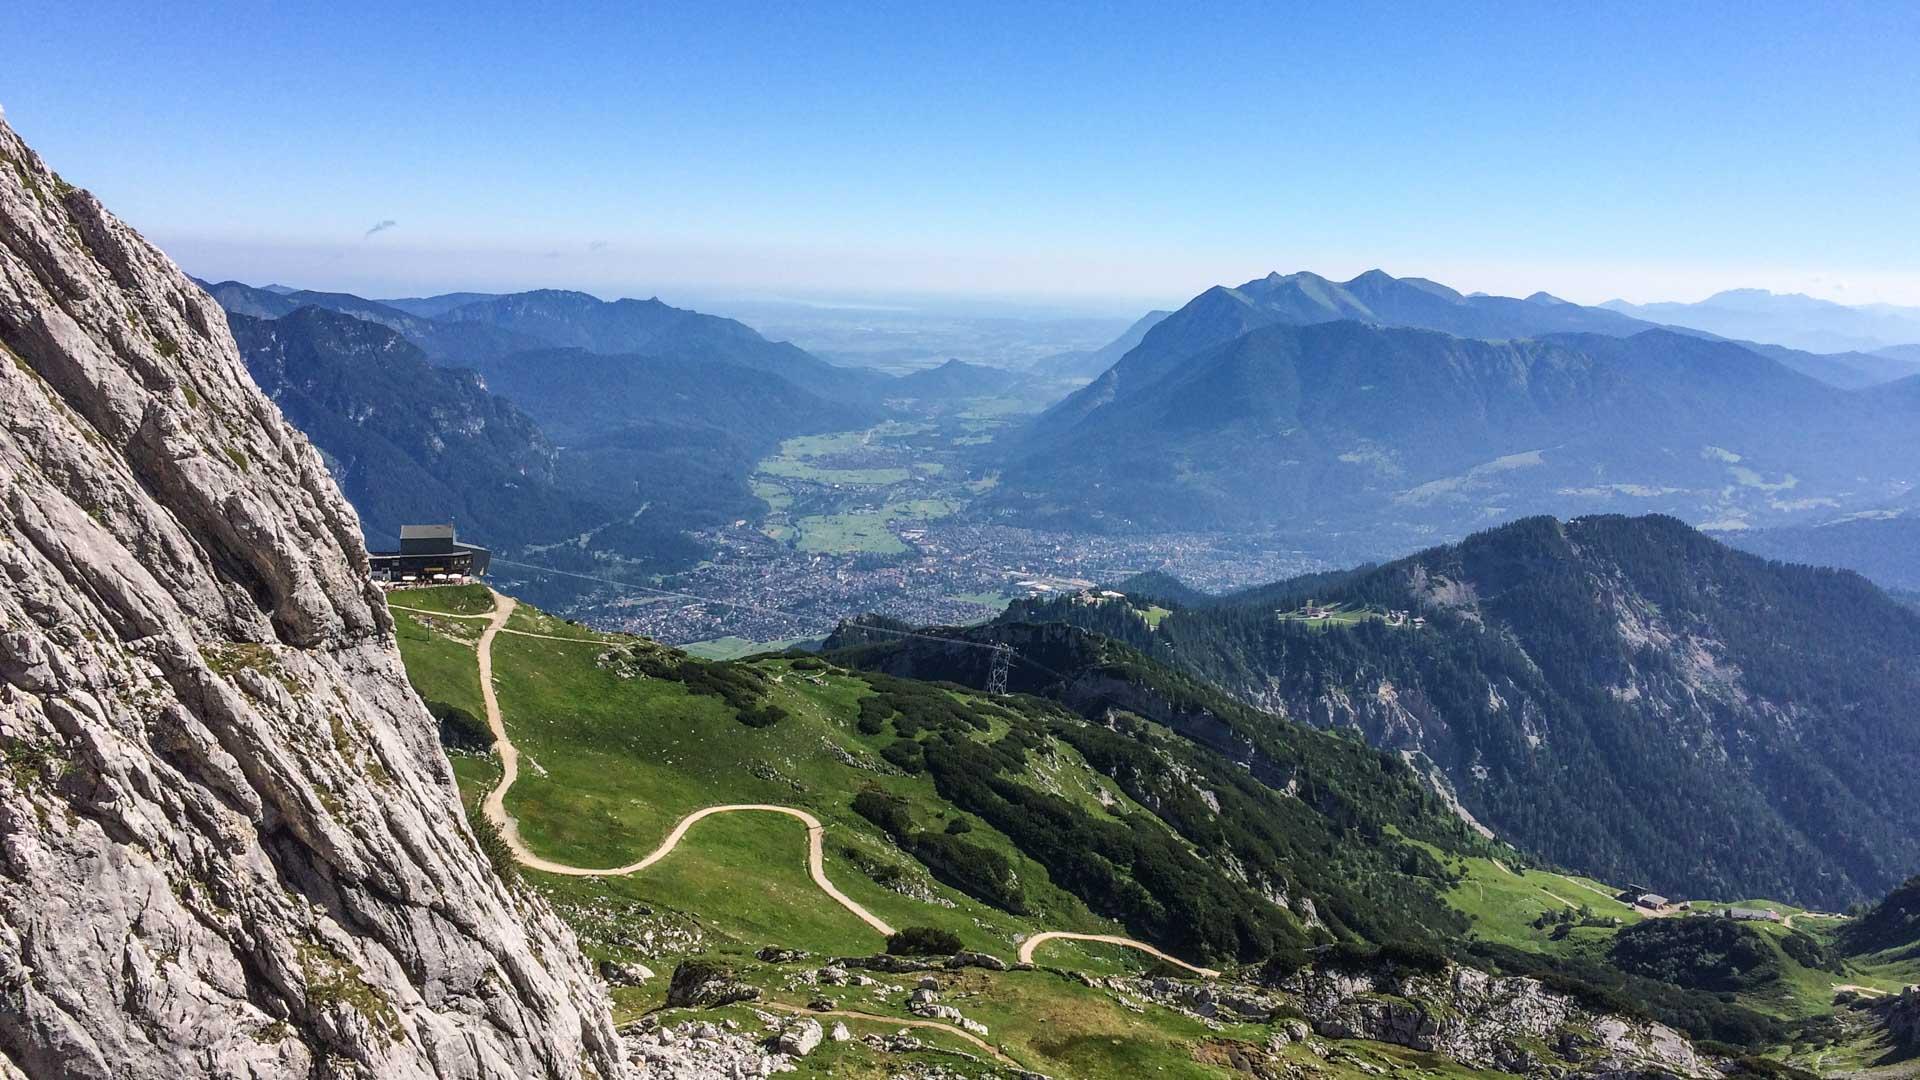 Klettersteig Alpspitze : Alpspitze klettersteig via ferrata